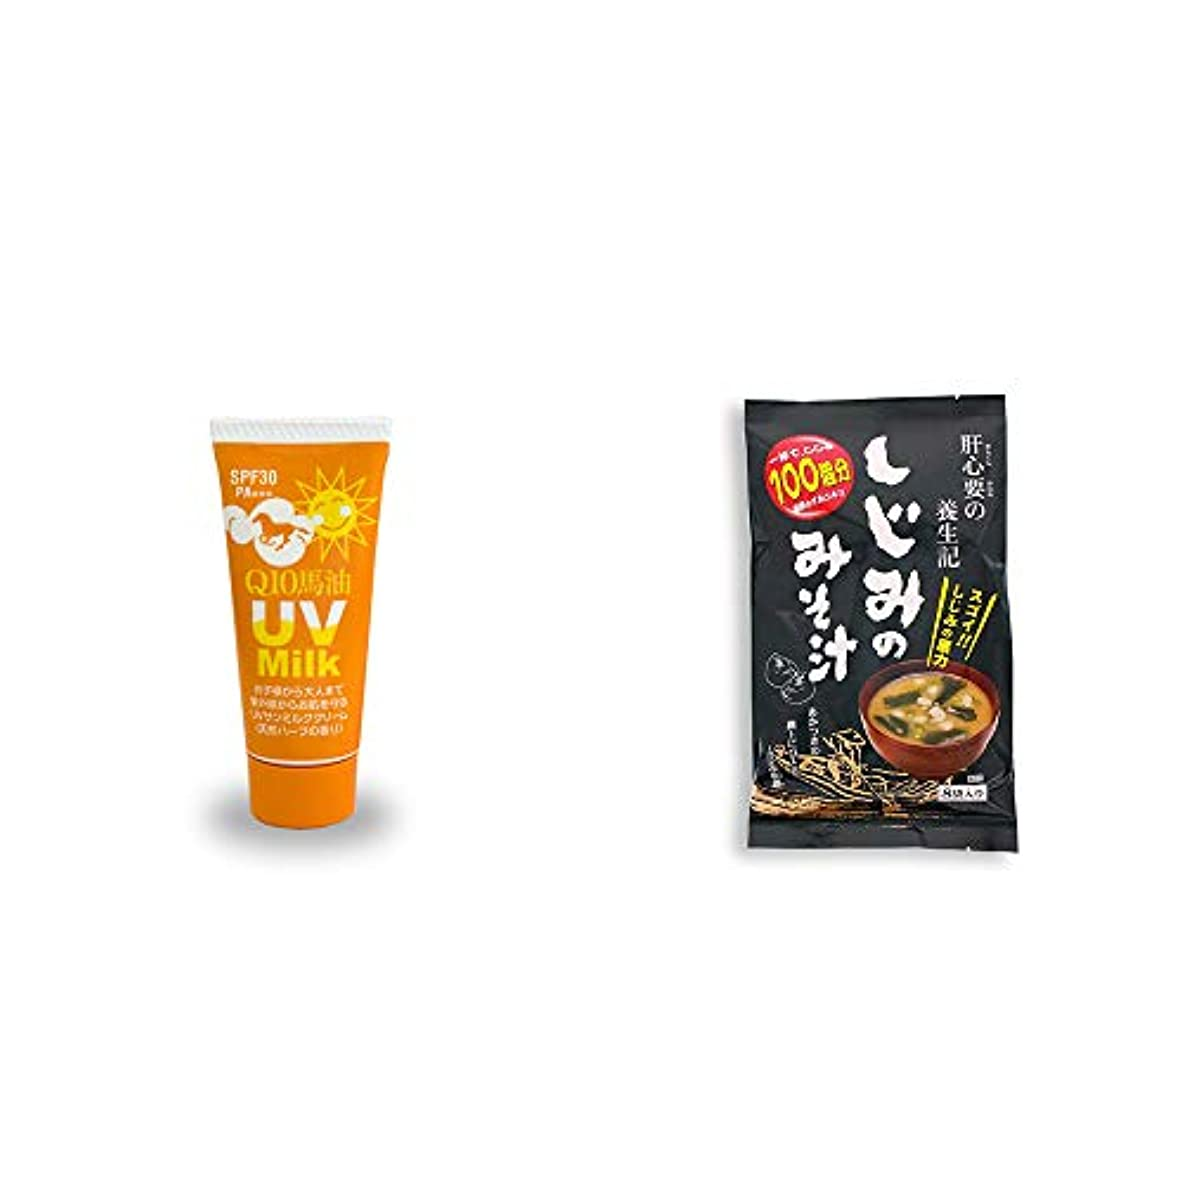 ビルマ激しい粘土[2点セット] 炭黒泉 Q10馬油 UVサンミルク[天然ハーブ](40g)?肝心要の養生記 しじみのみそ汁(56g(7g×8袋))